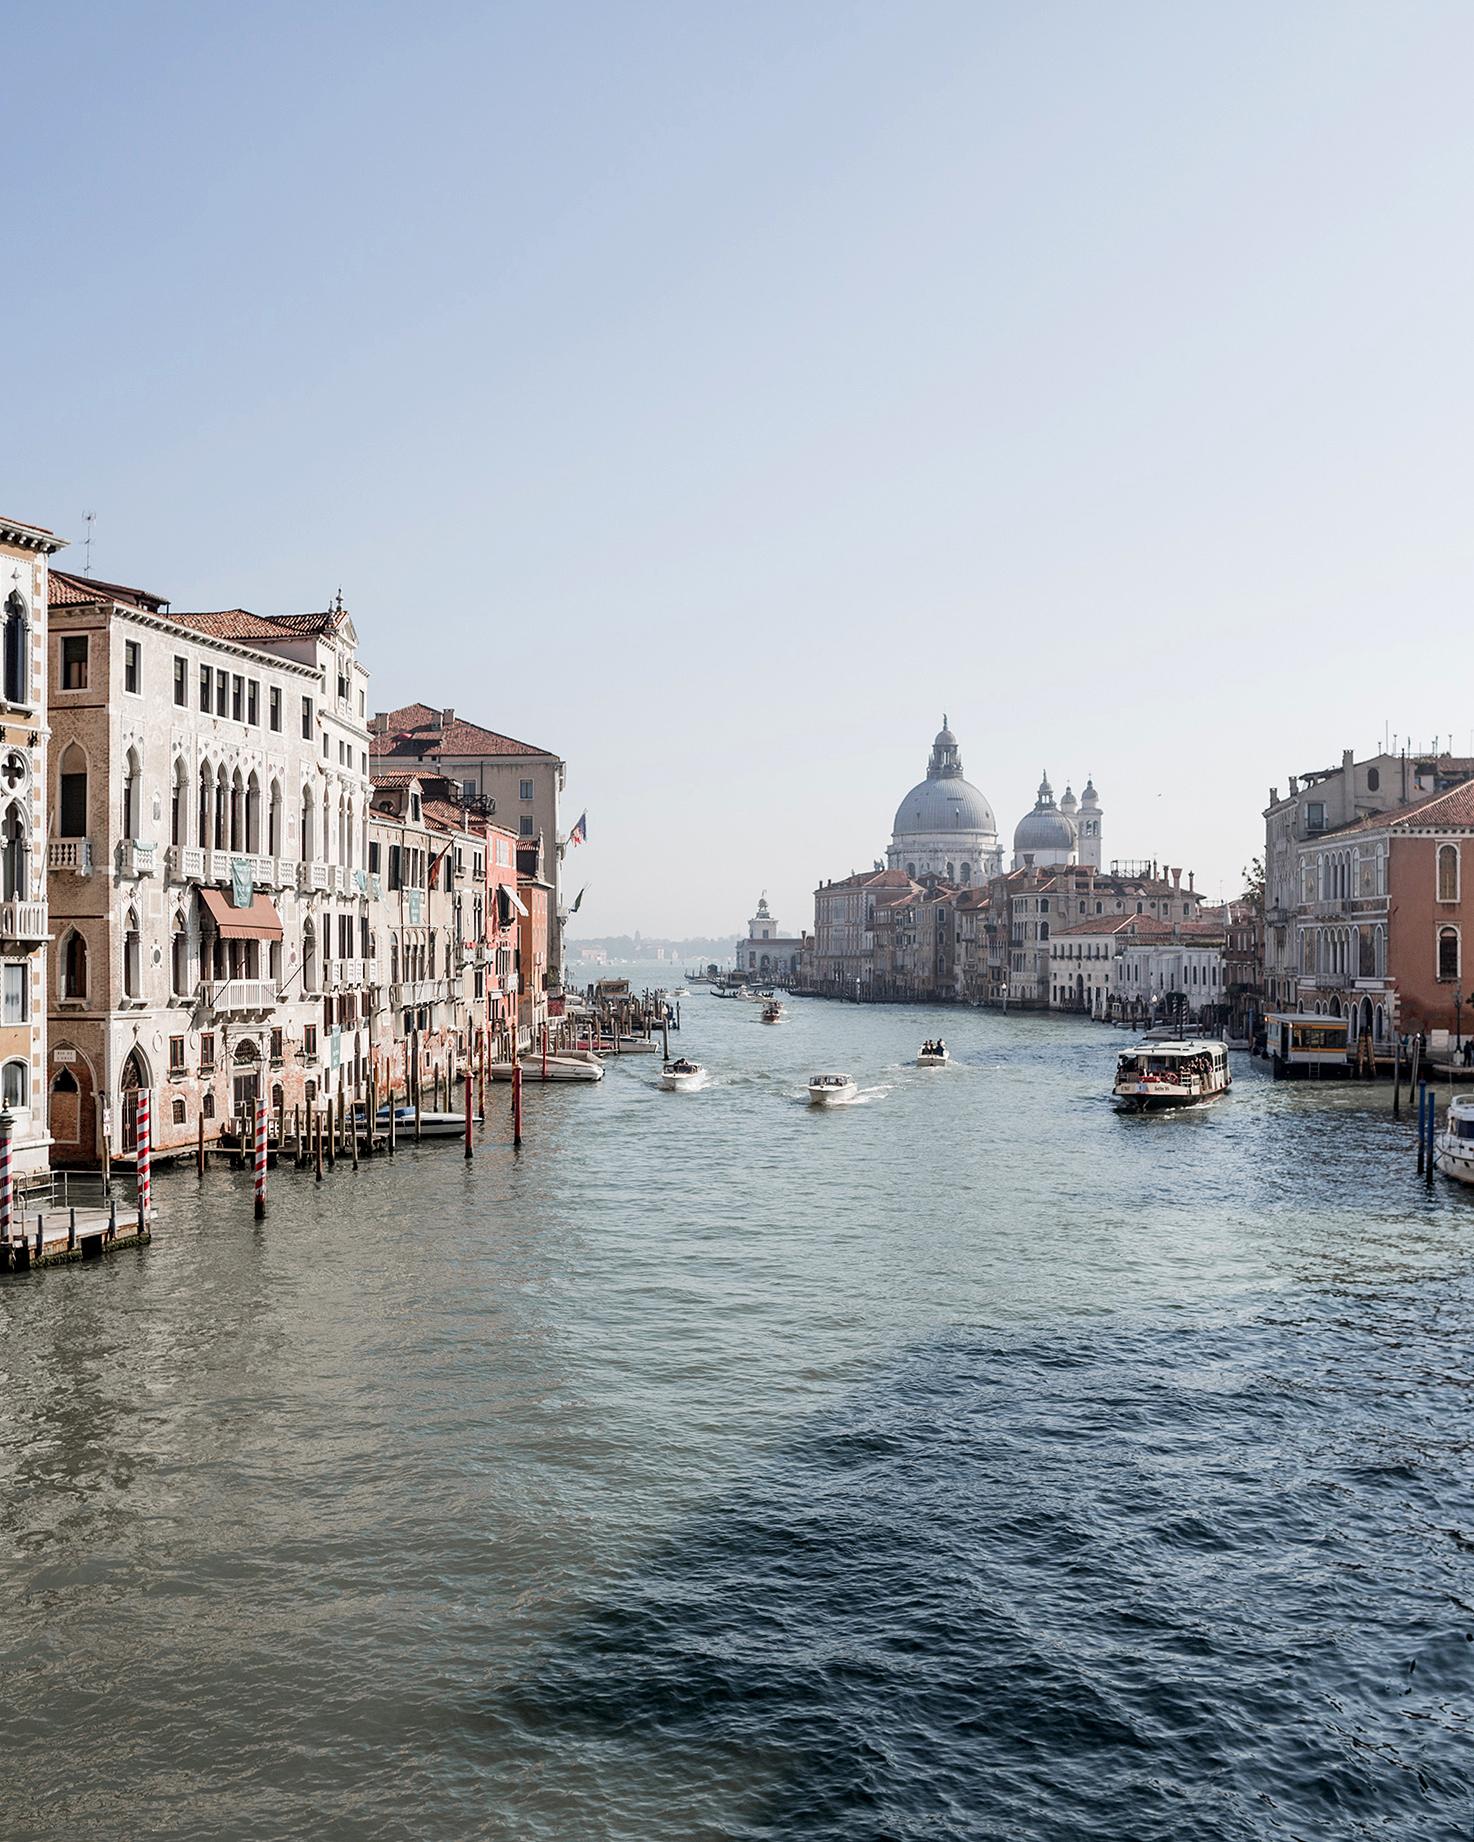 elle raymond venice wedding canal and buildings